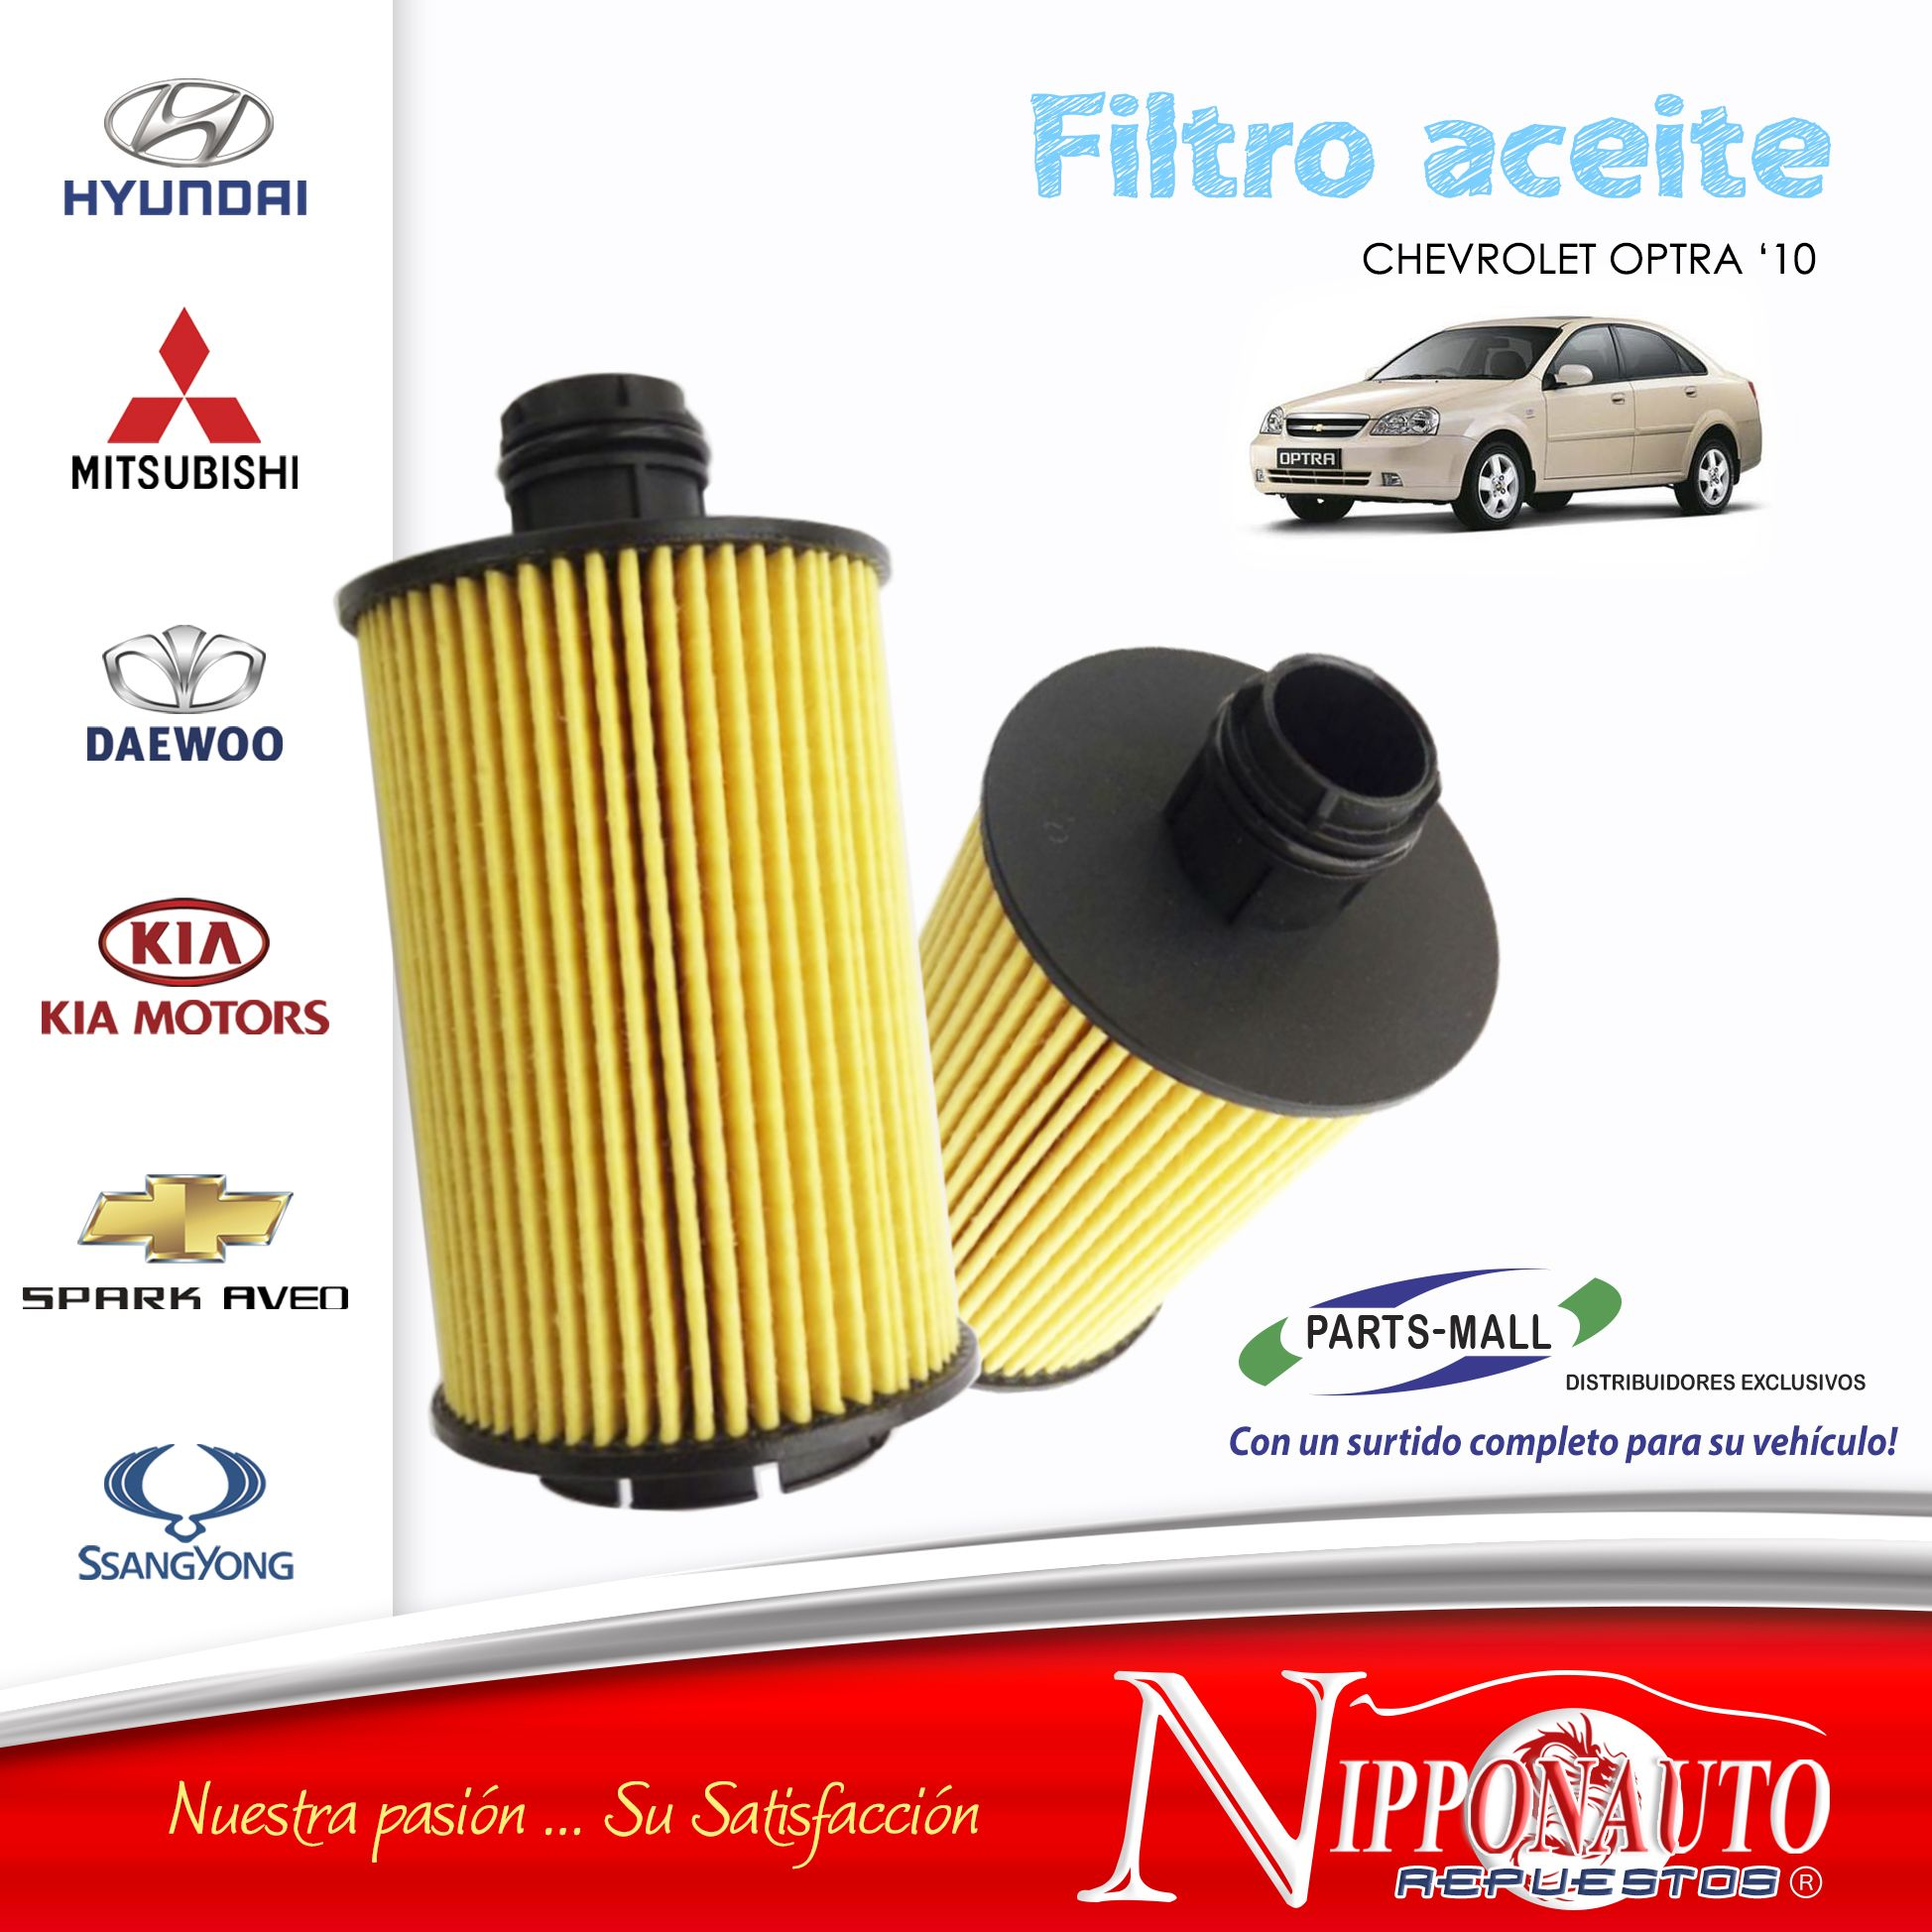 Pin De Nipponauto Repuestos En Partes Que Ofrecemos Filtro Aceite Aceite Vehiculos